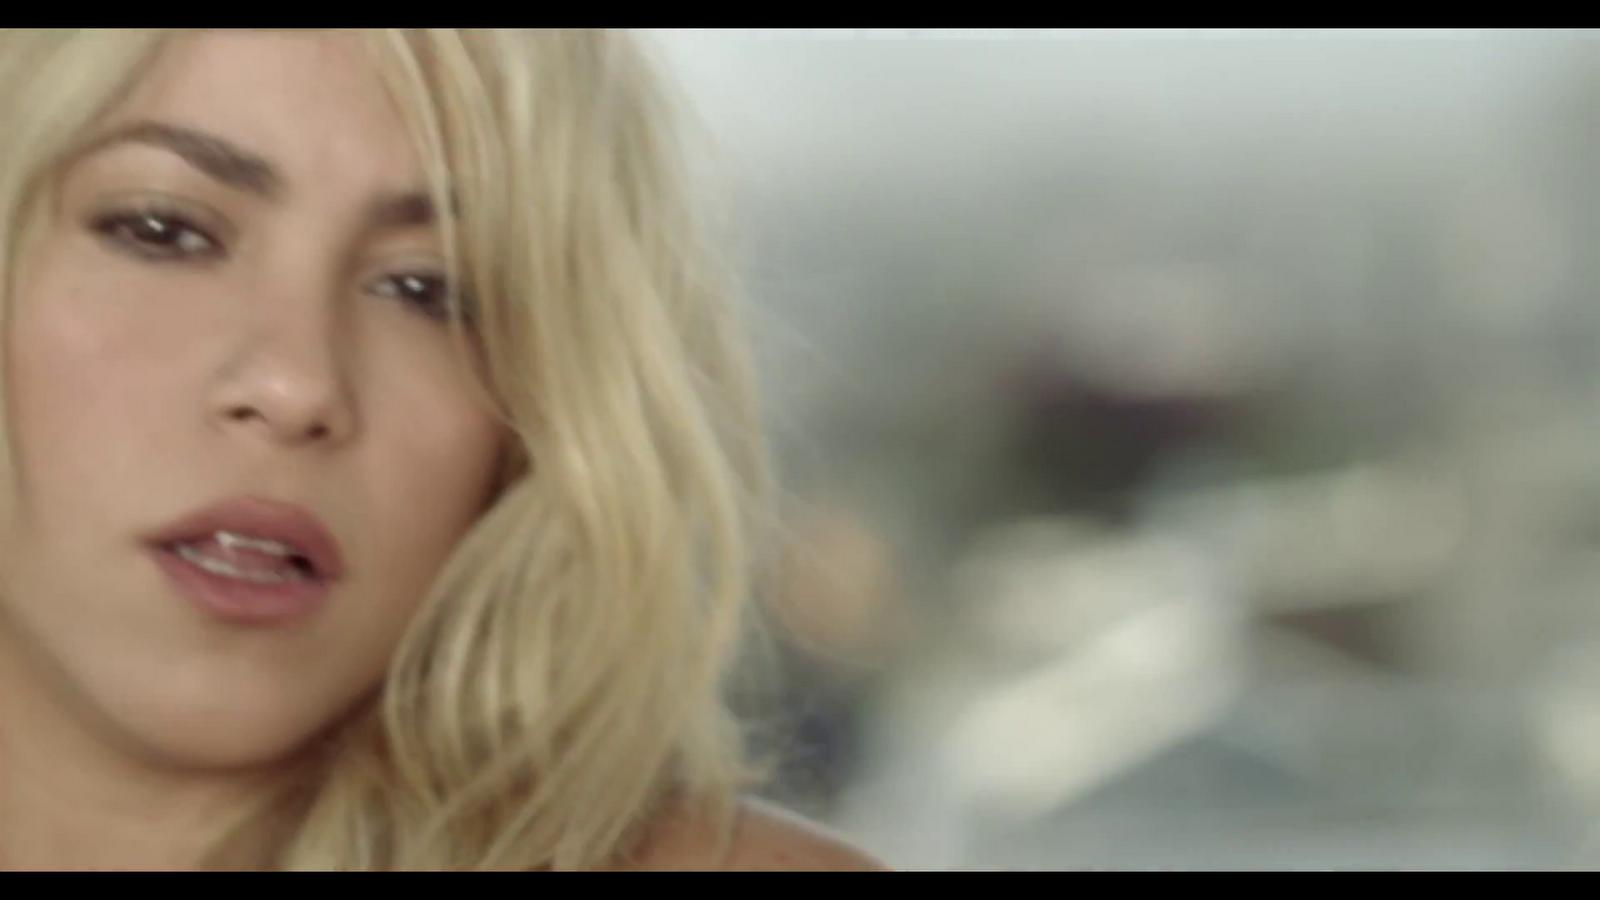 http://1.bp.blogspot.com/-VIO1xKJjXAE/UBqdqp5qmdI/AAAAAAAAKLg/OcJagy70yaw/s1600/Pitbull+-+Get+It+Started+ft.+Shakira.MP4+%252814%2529.png